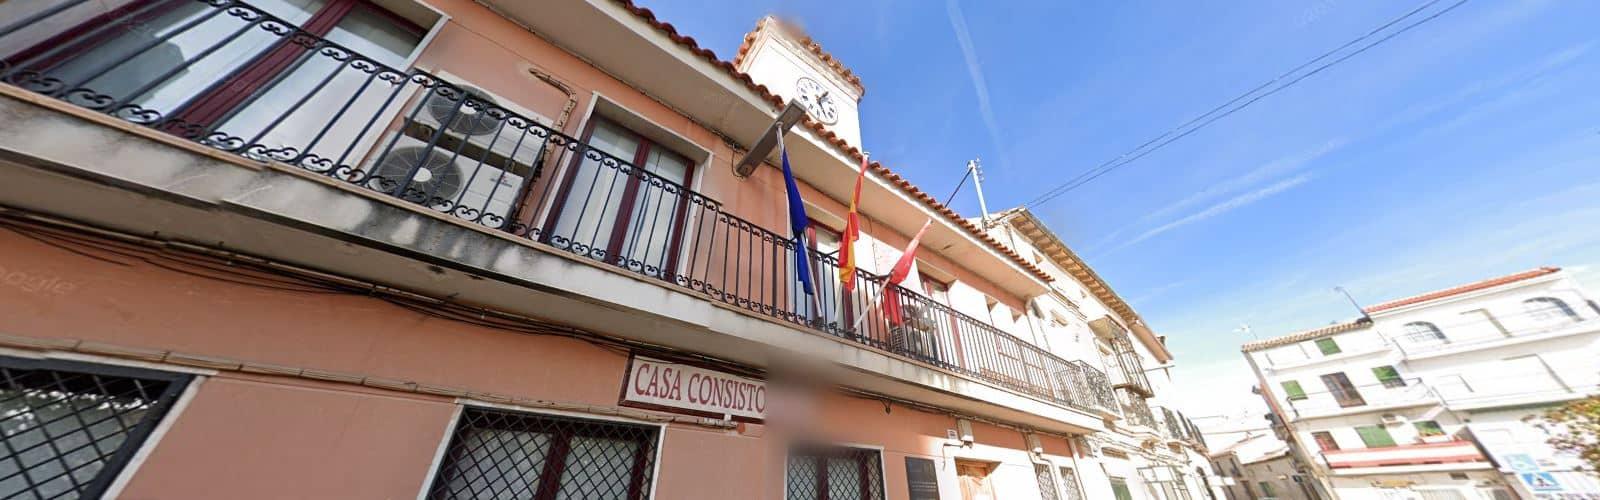 Registro civil - Ayuntamiento Villaconejos